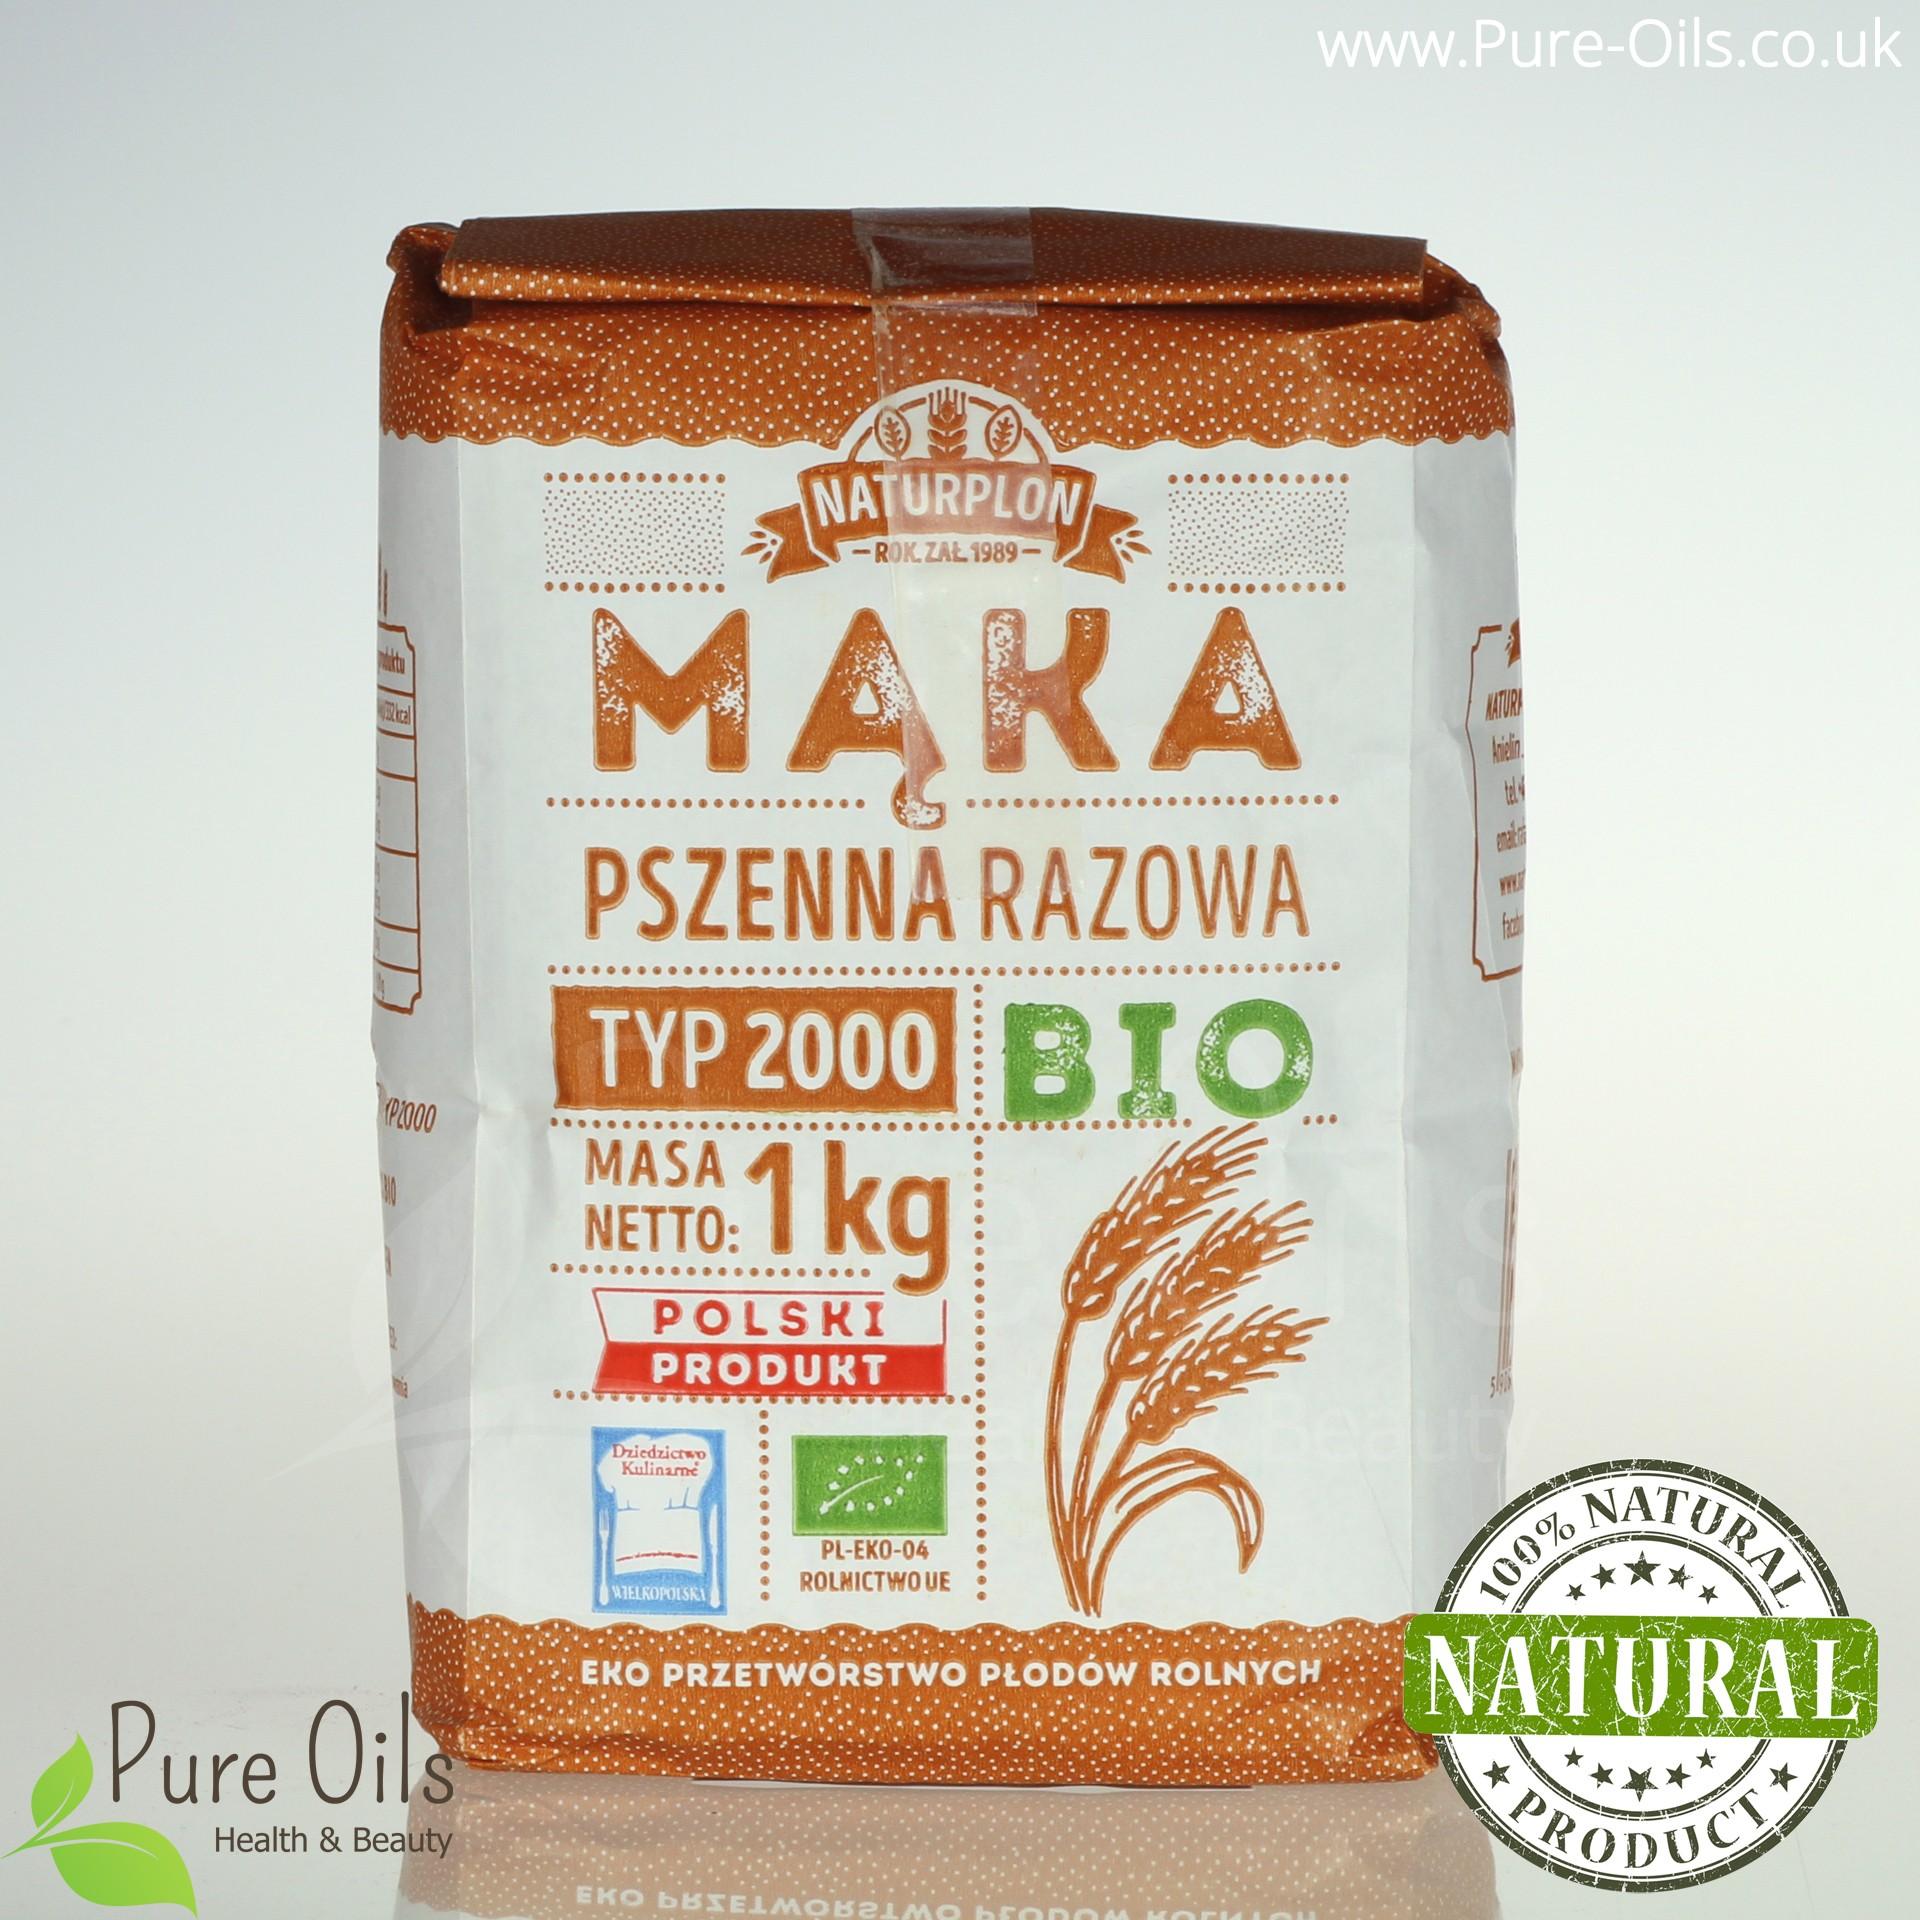 Mąka Pszenna Razowa, Typ 2000 - Bio, Naturplon